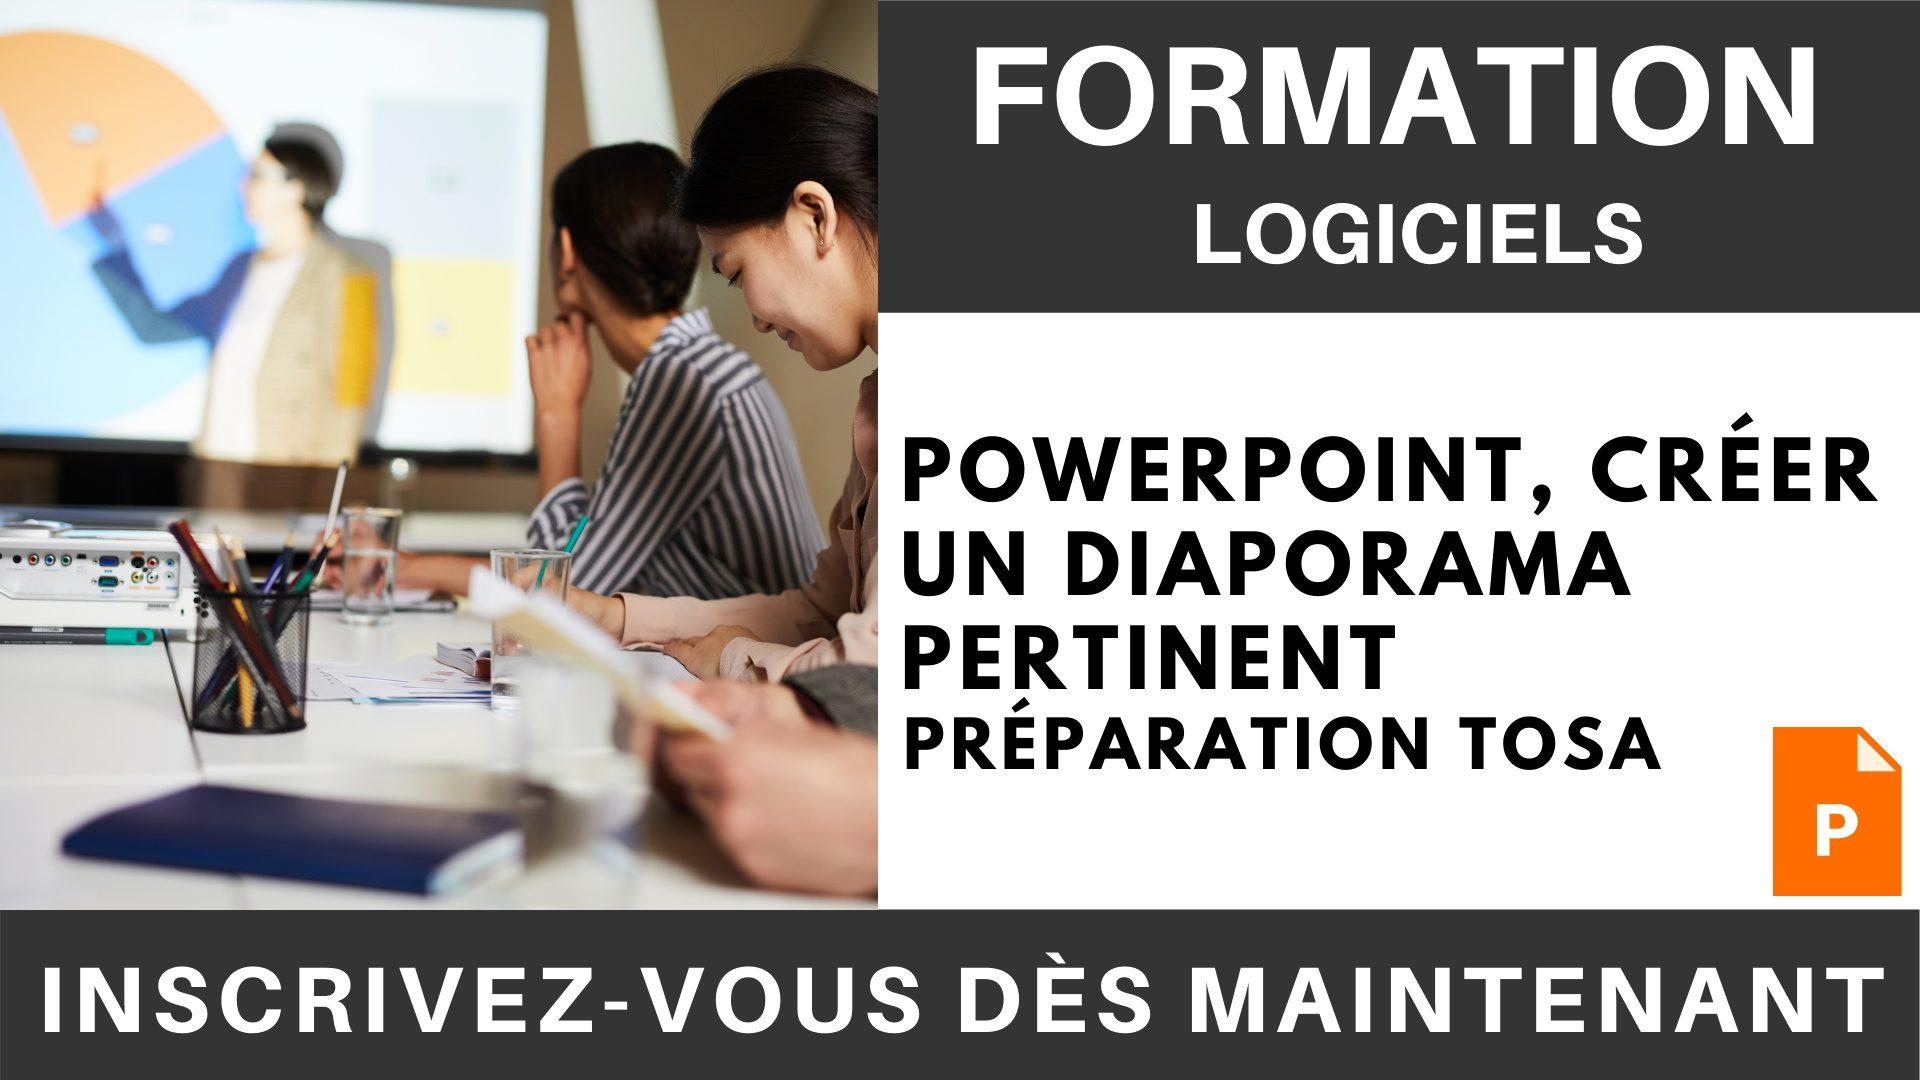 Formation LOGICIEL - PowerPoint, Créer un diaporama pertinent - Préparation TOSA